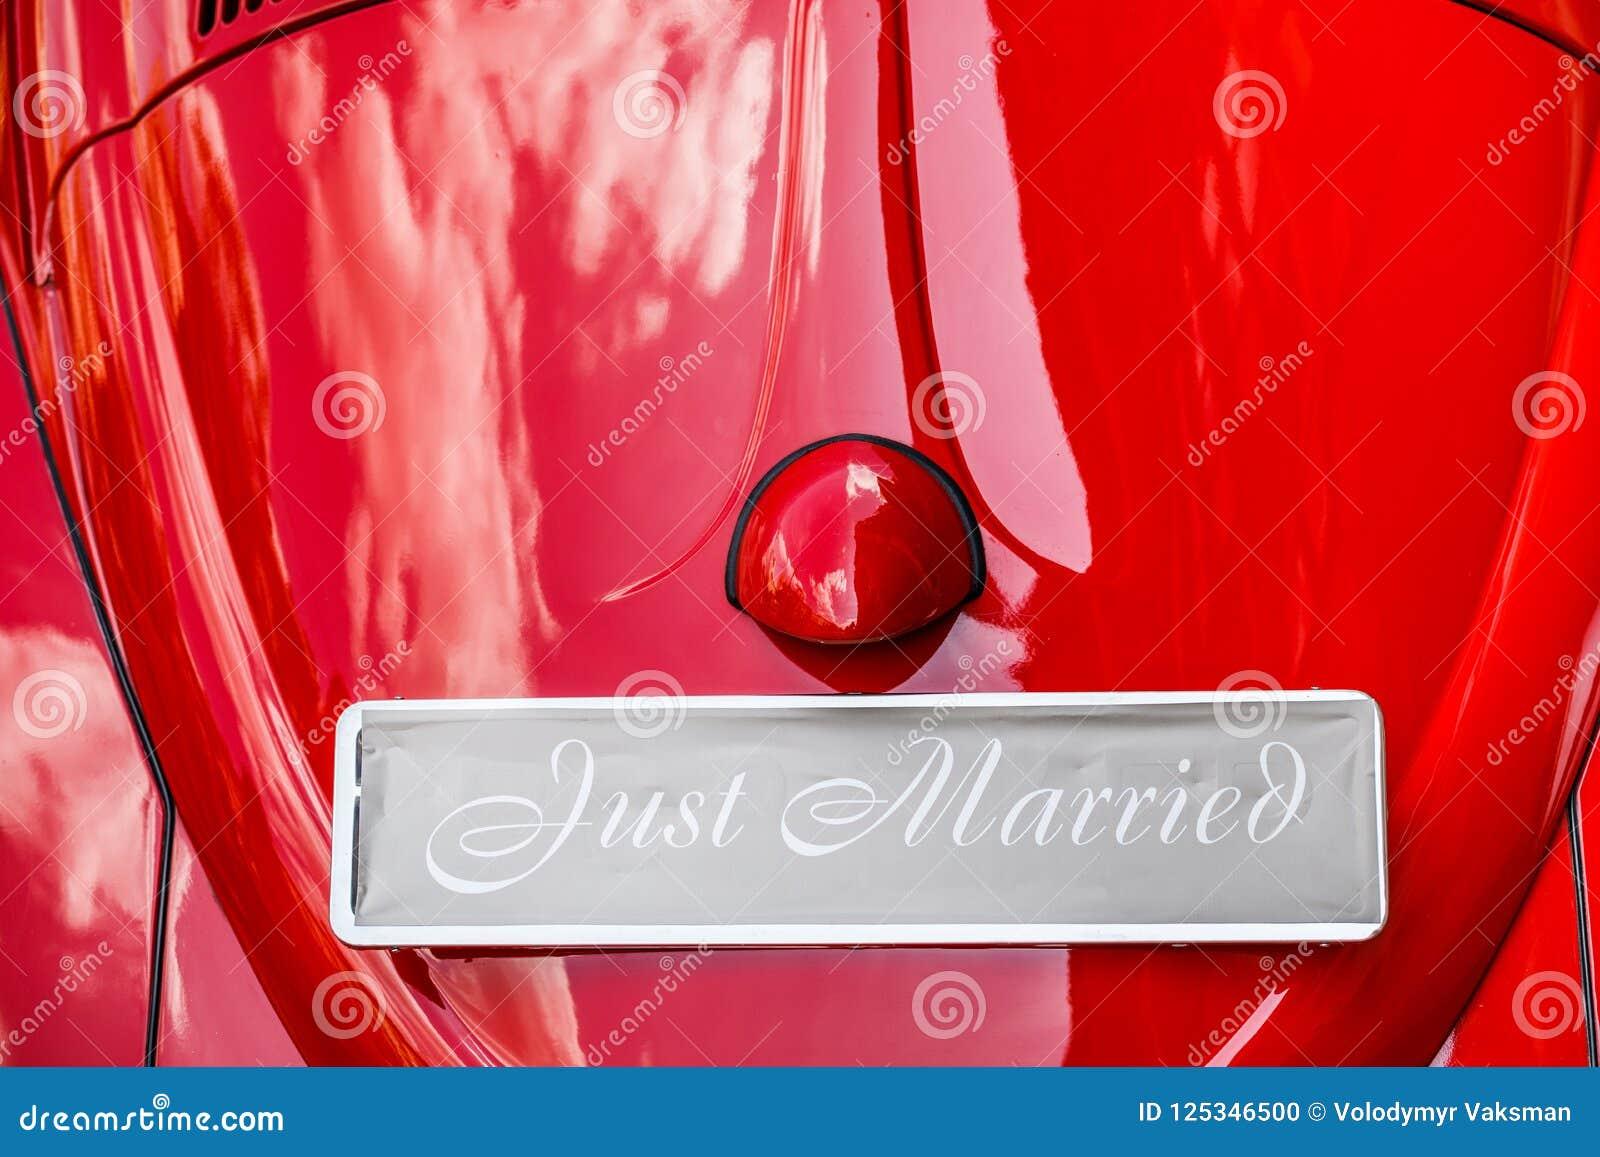 Εκλεκτής ποιότητας γαμήλιο αυτοκίνητο με ακριβώς το παντρεμένο σημάδι και δοχεία συνημμένα